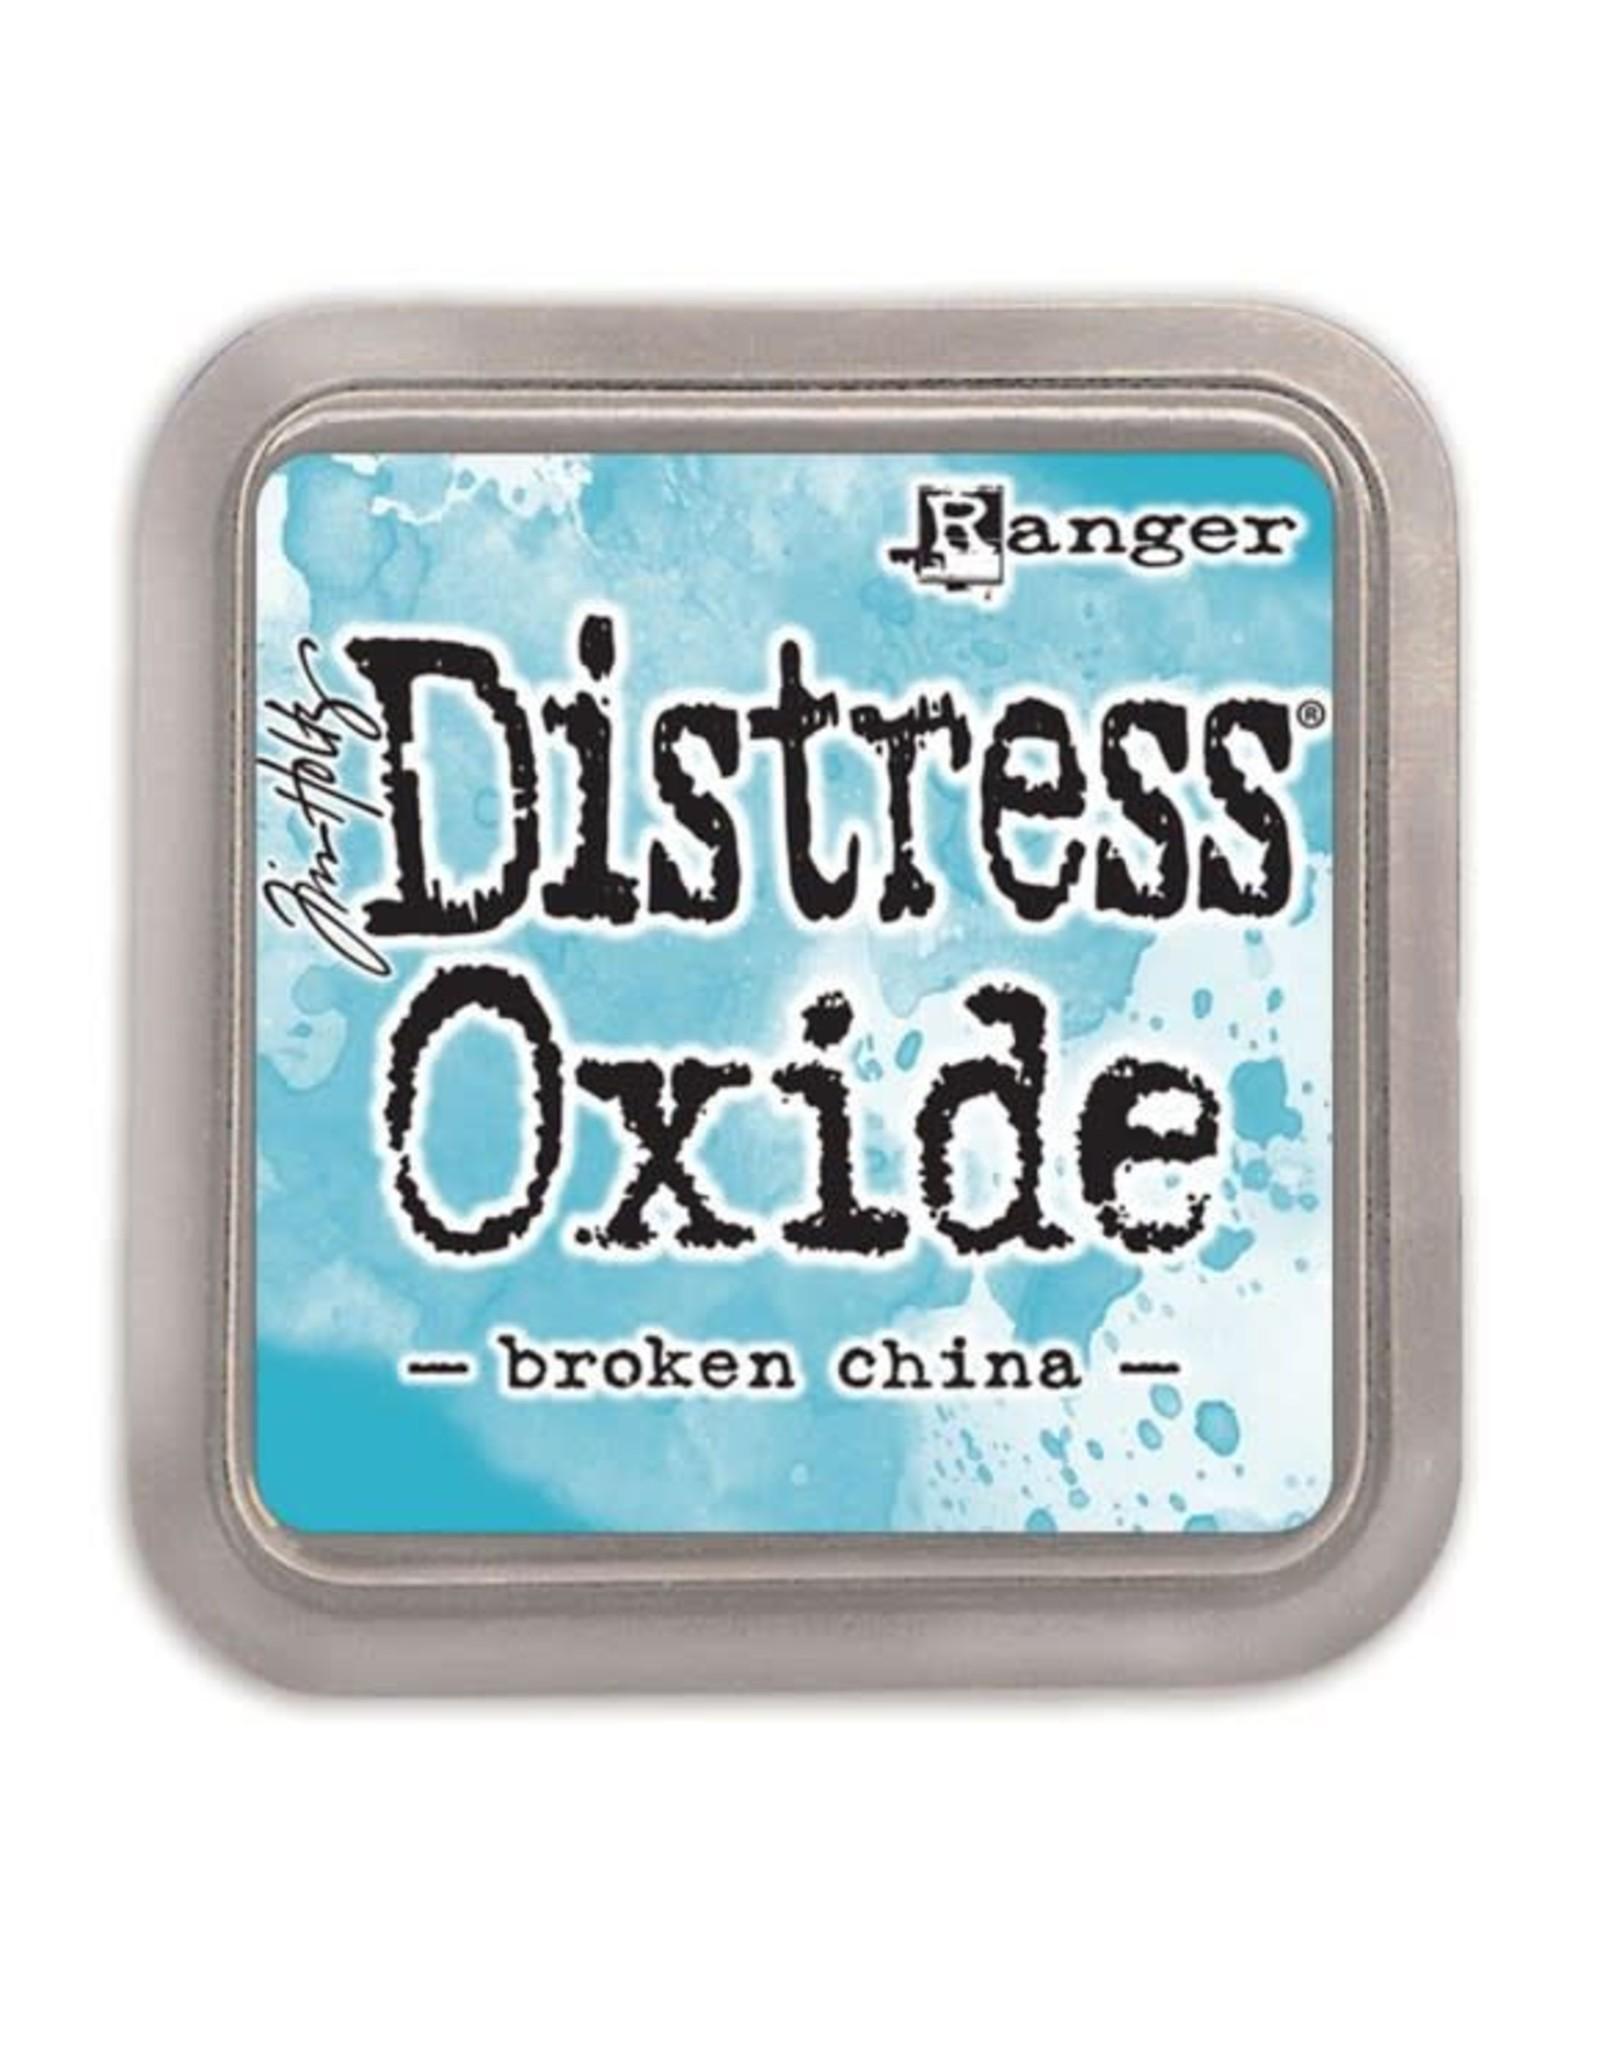 Ranger Distress Oxide Ranger Distress Oxide - broken china